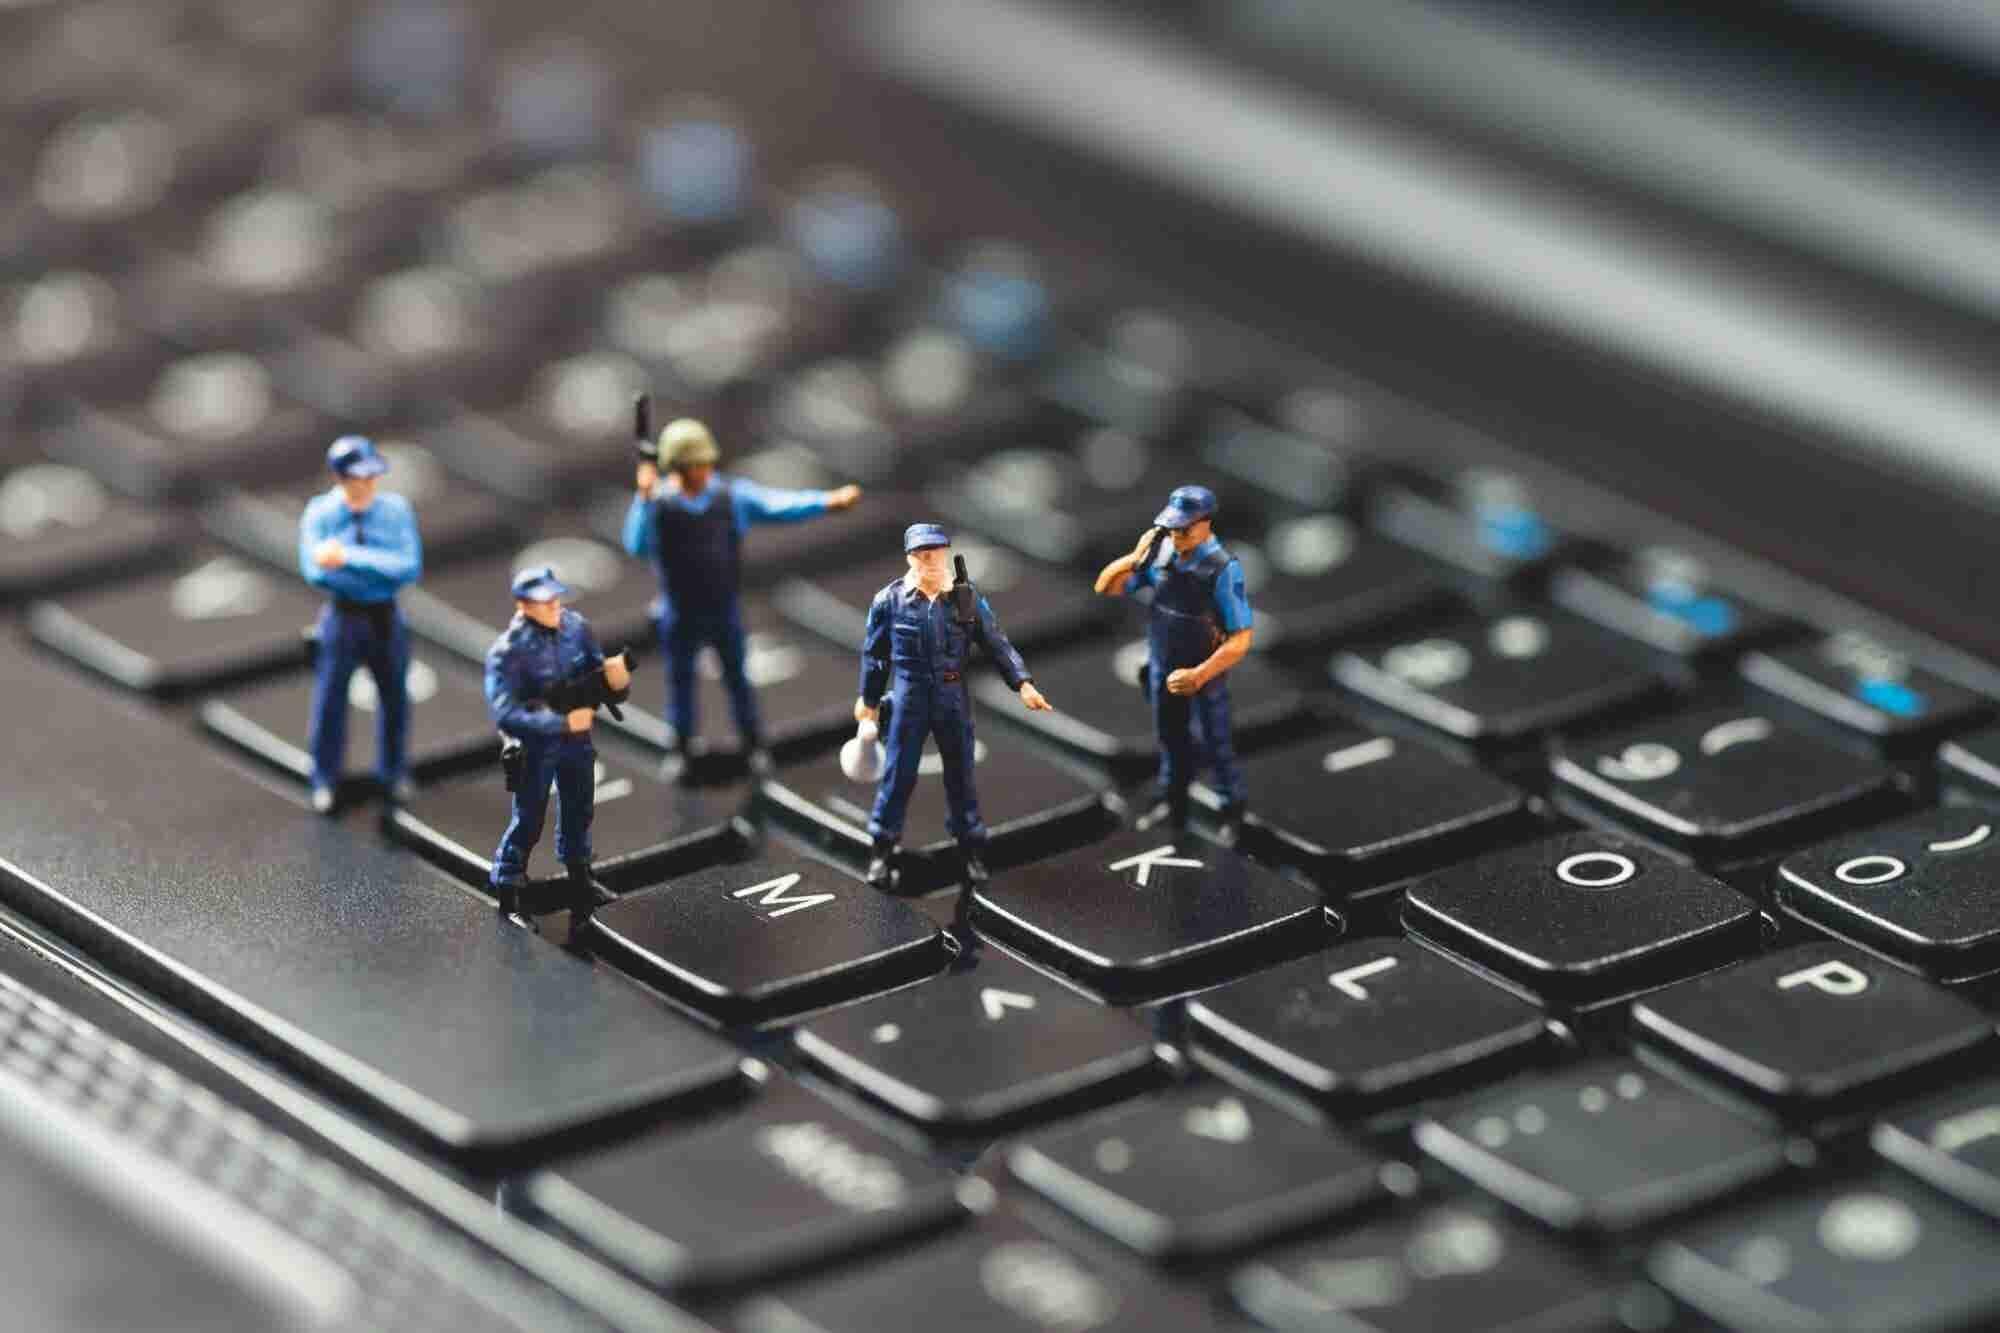 ¿Crees que tu información no le sirve a un ciberdelincuente? Pues estás equivocado